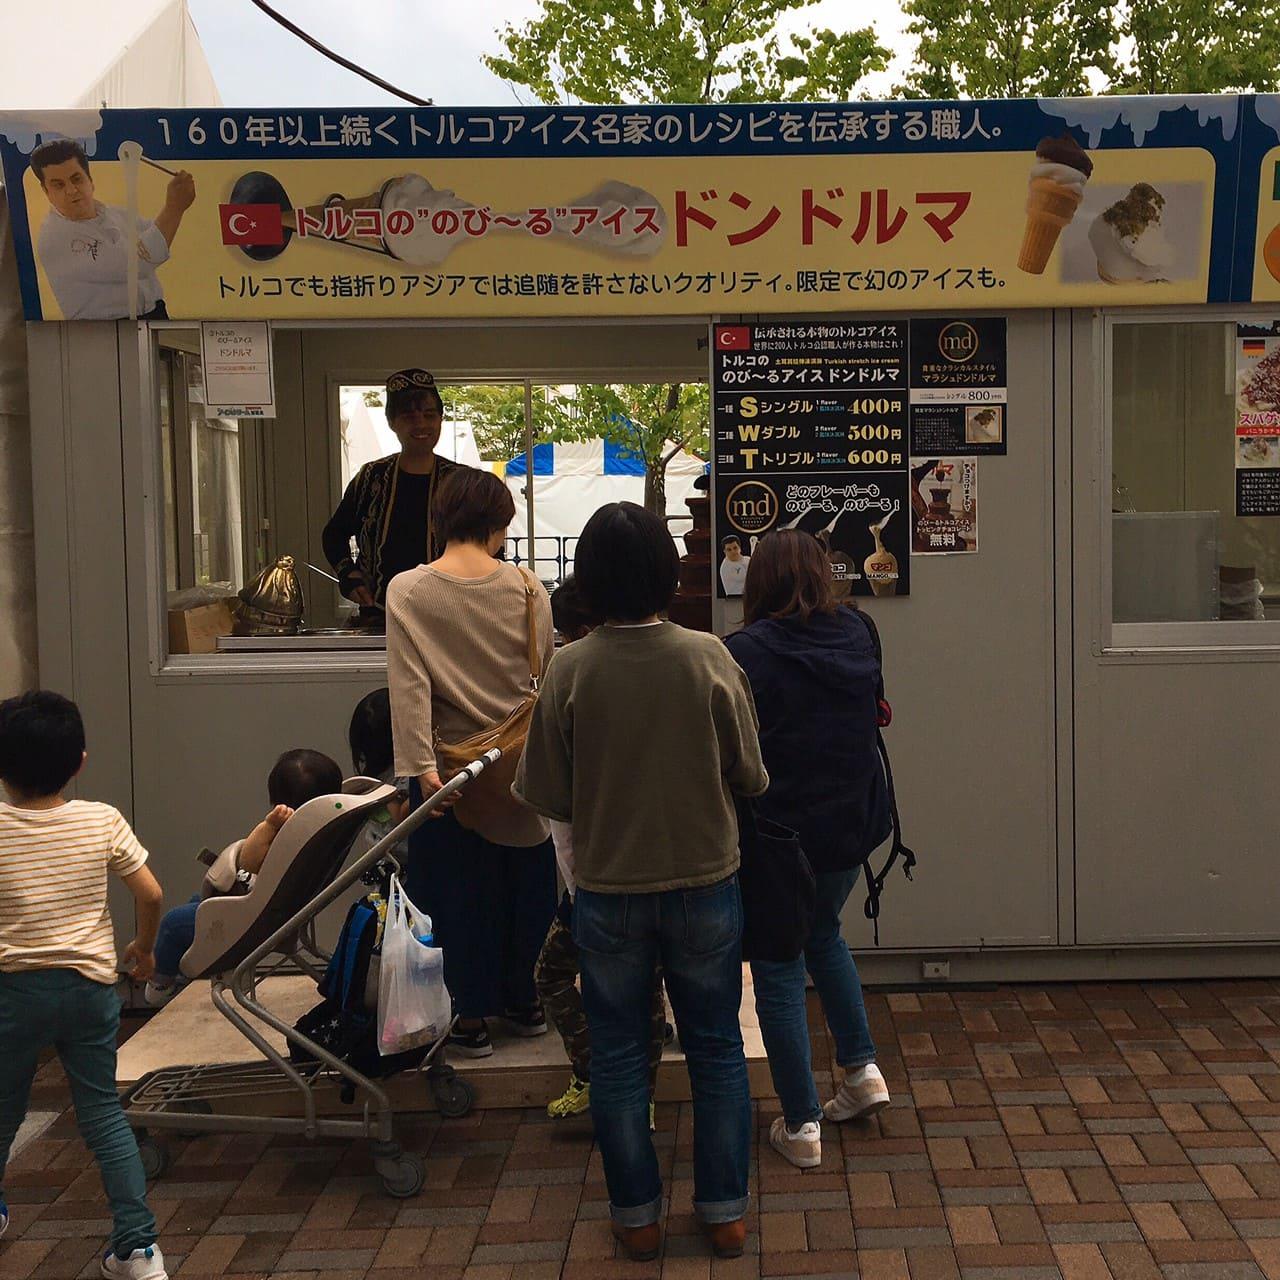 アイスクリーム博覧会ドンドルマ